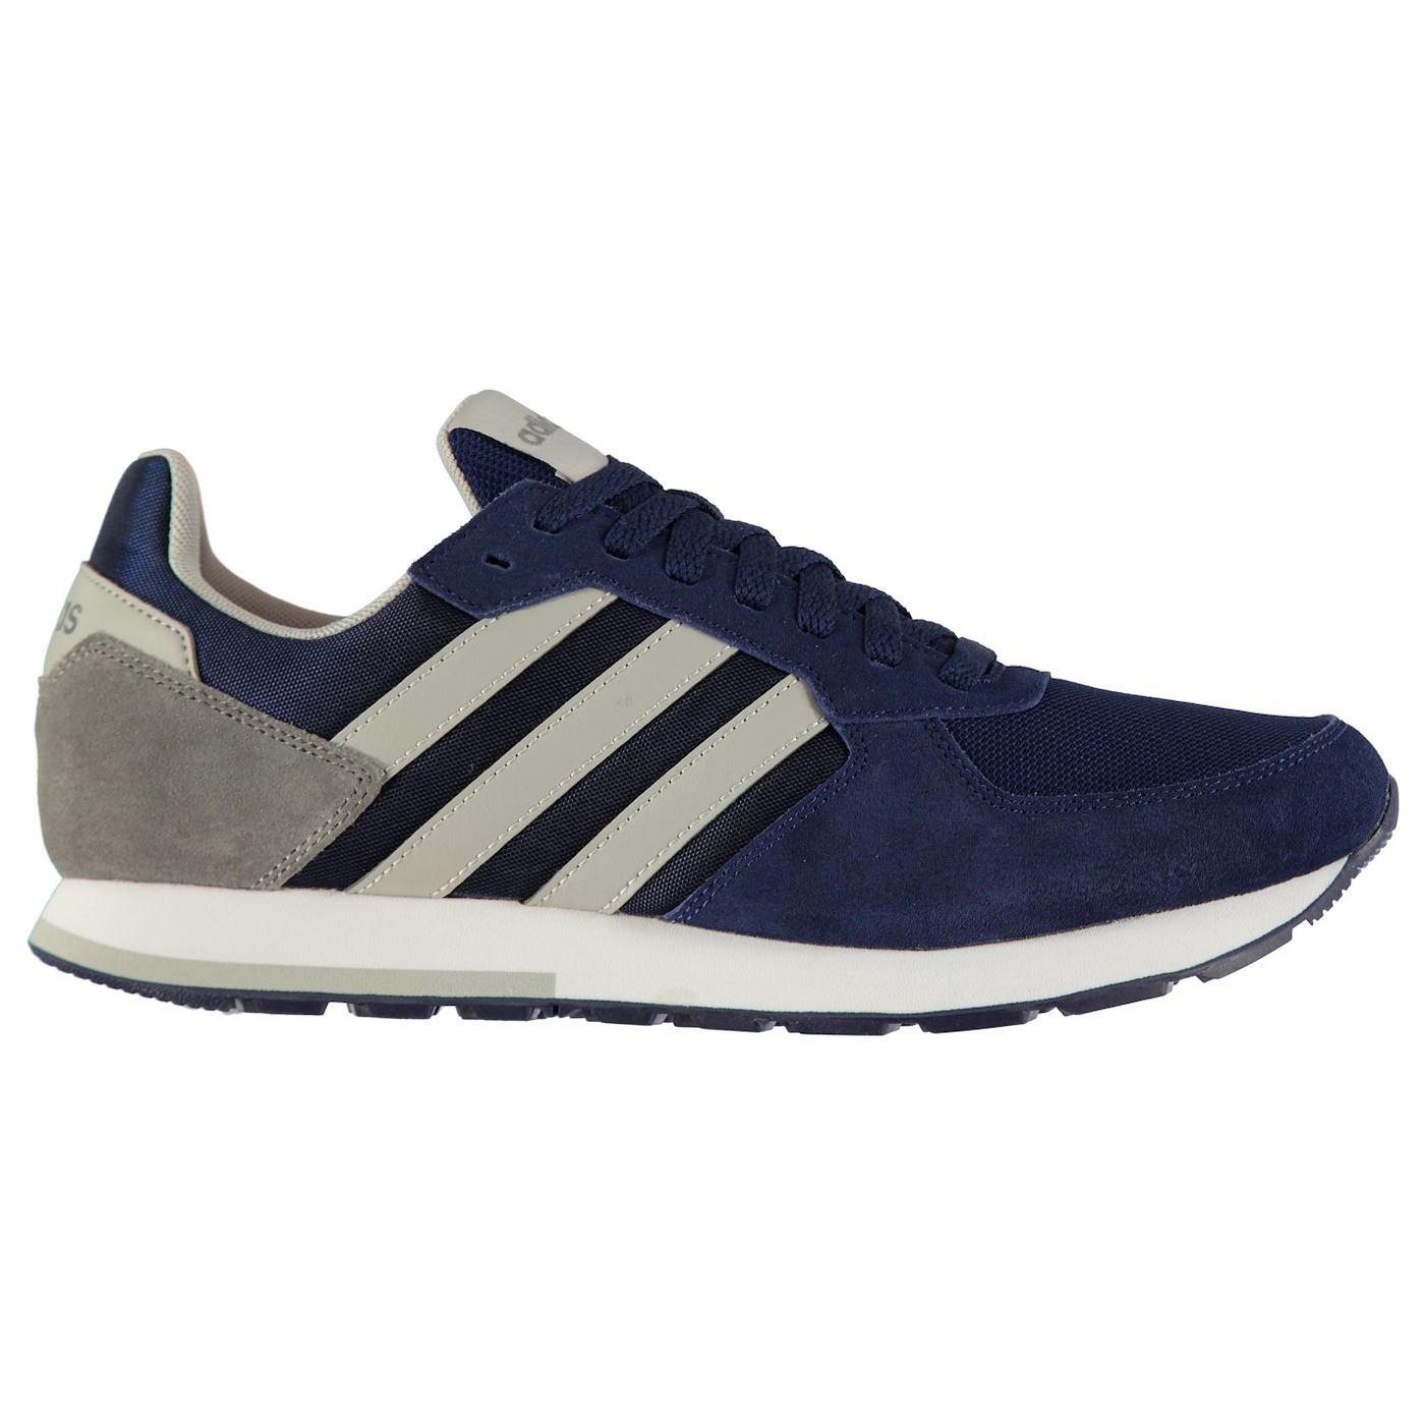 Adidas 8K pánske tenisky